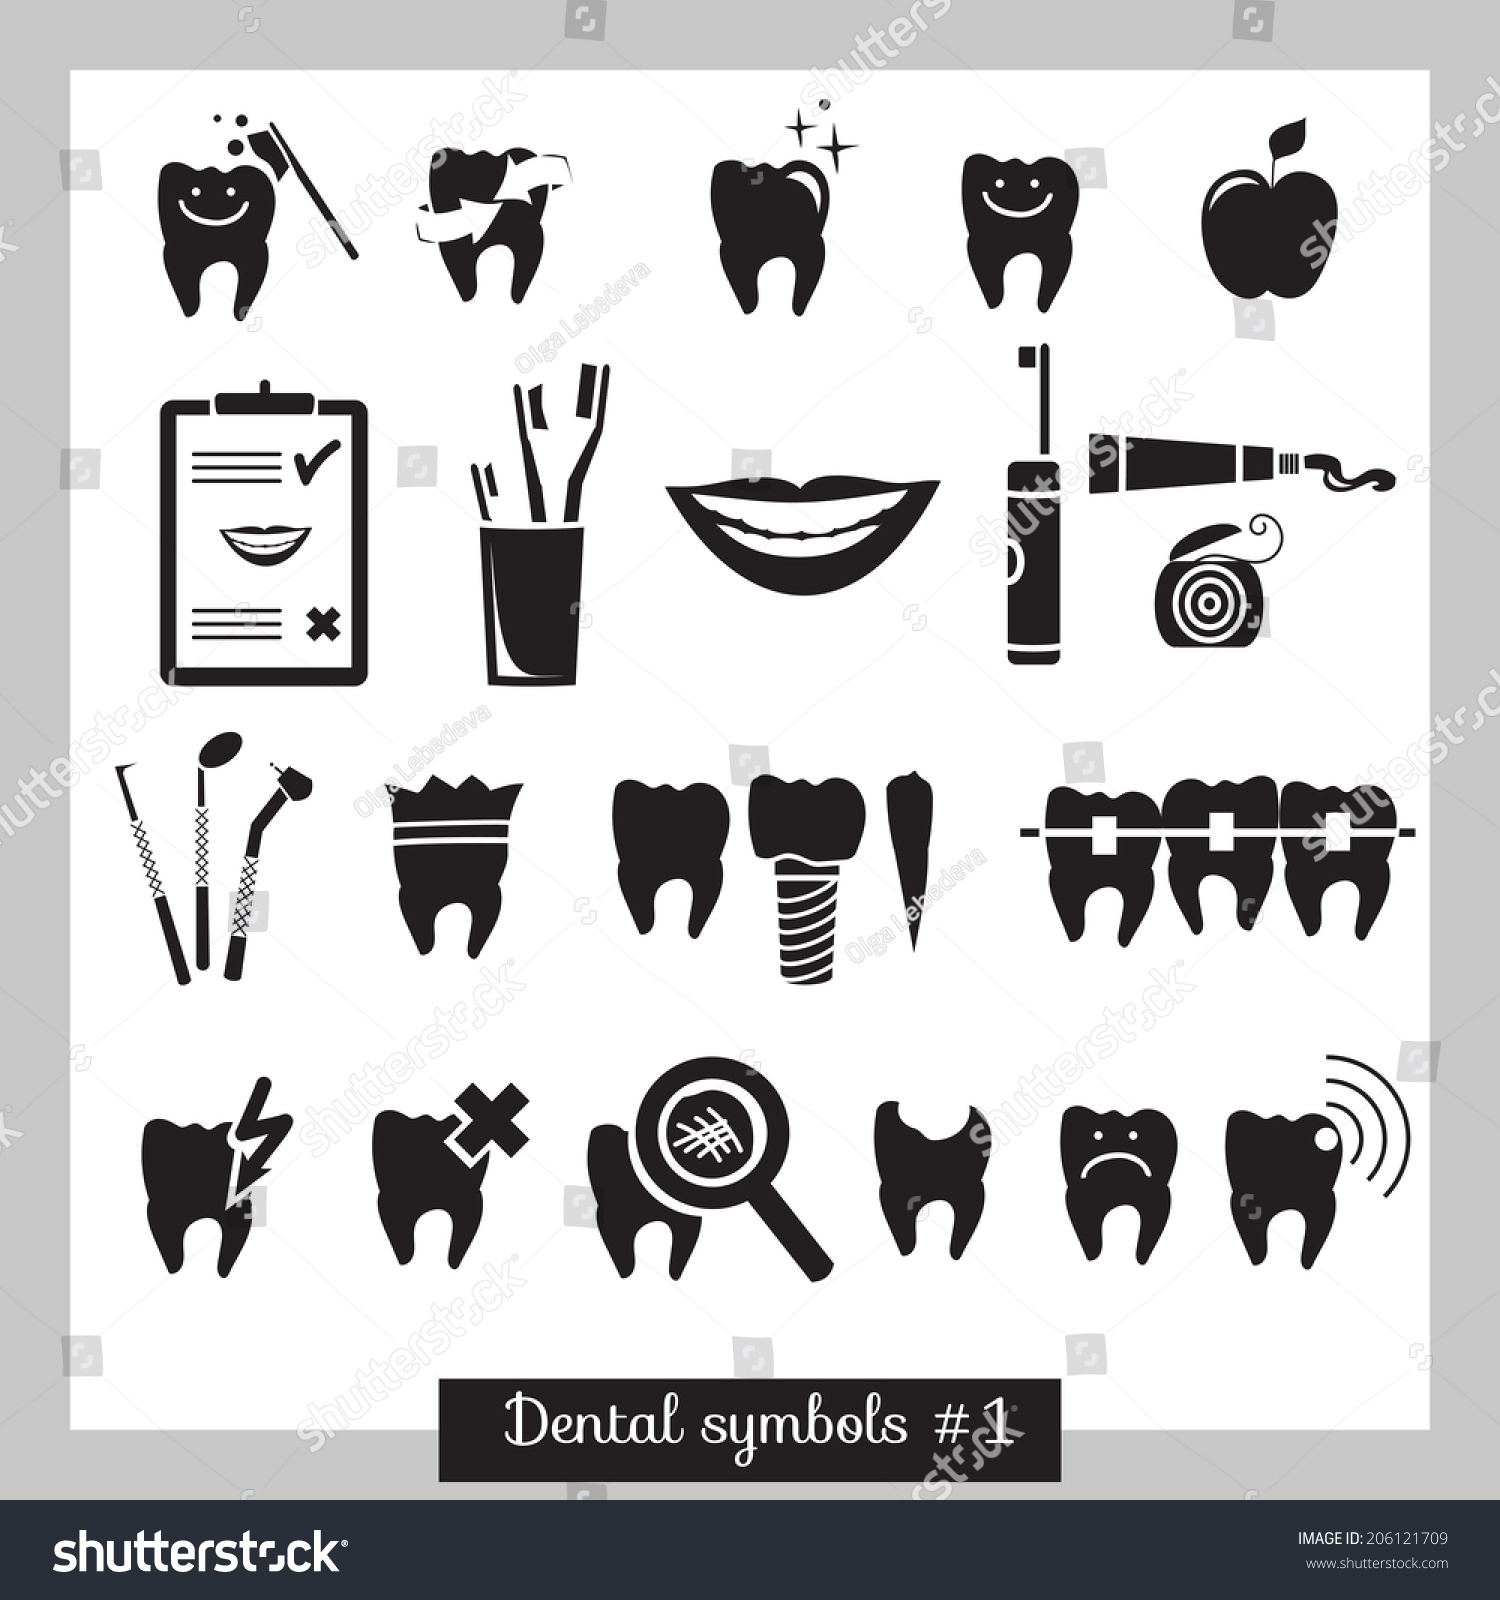 Set Dentistry Symbols Part 1 Dental Stock Vector 206121709 ...